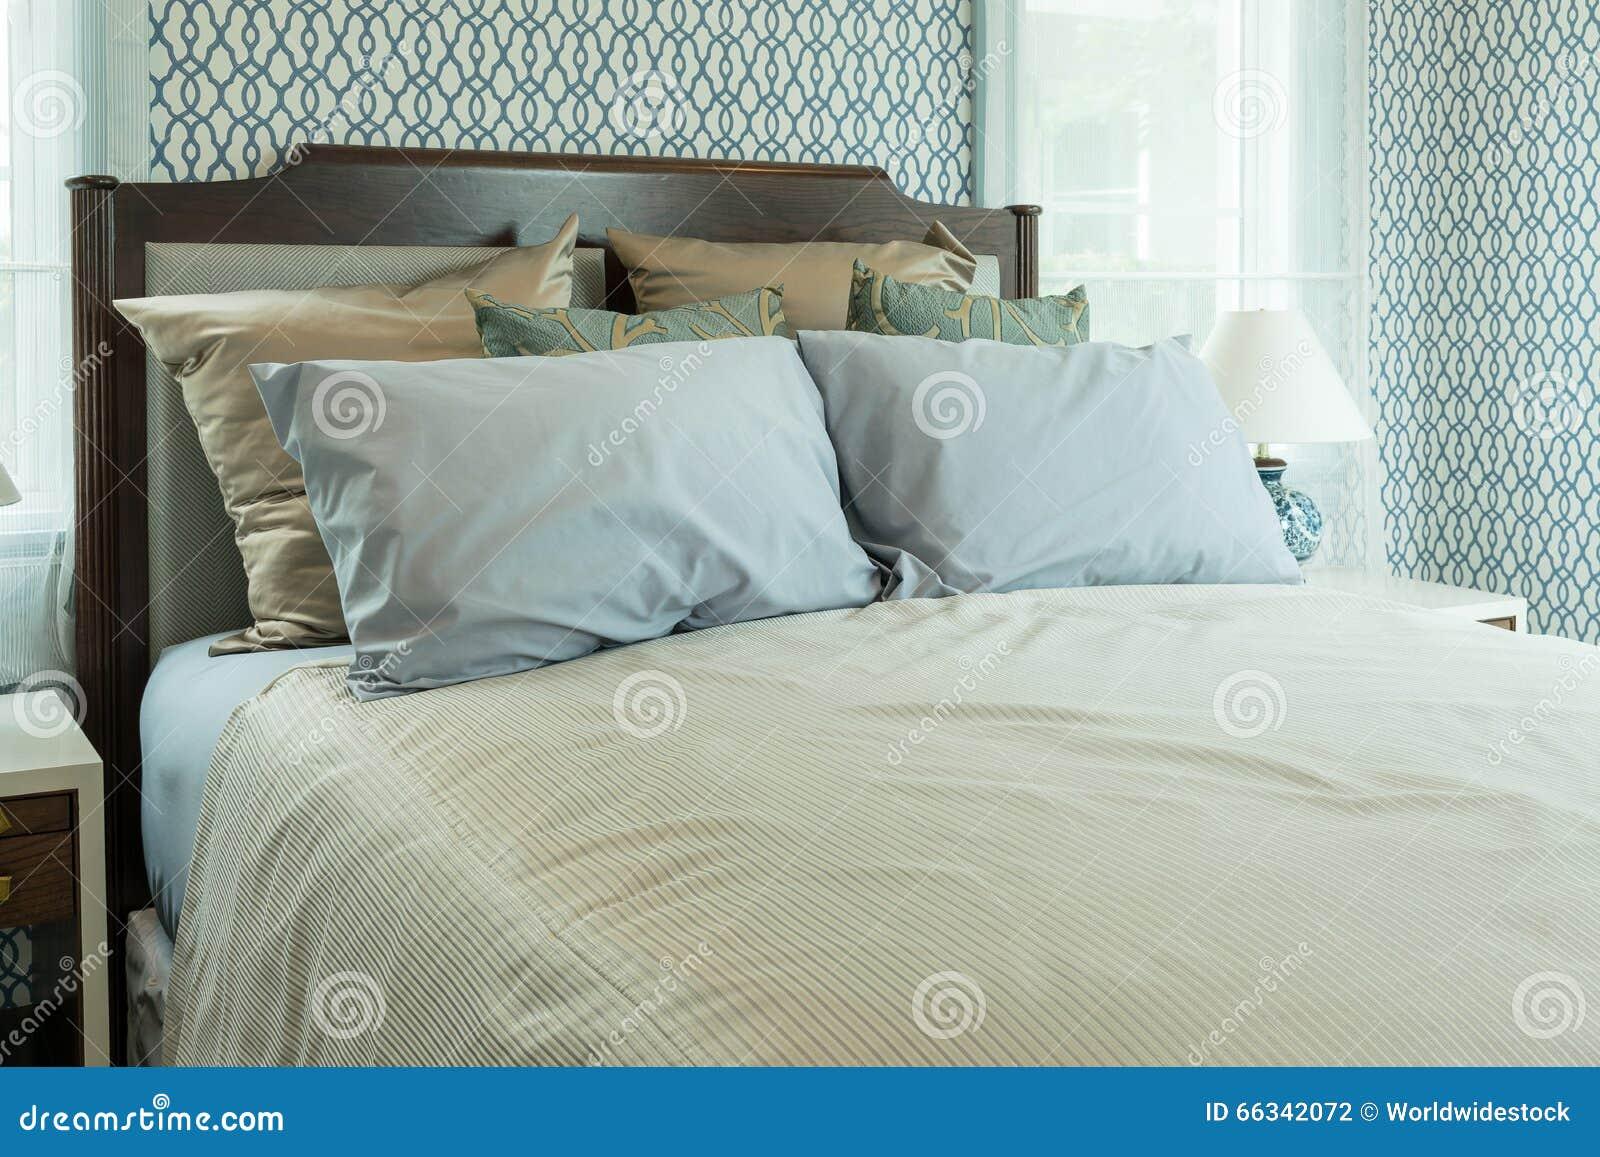 Camera da letto classica di stile con i cuscini blu sul letto fotografia stock immagine di - Come mettere i cuscini sul letto ...